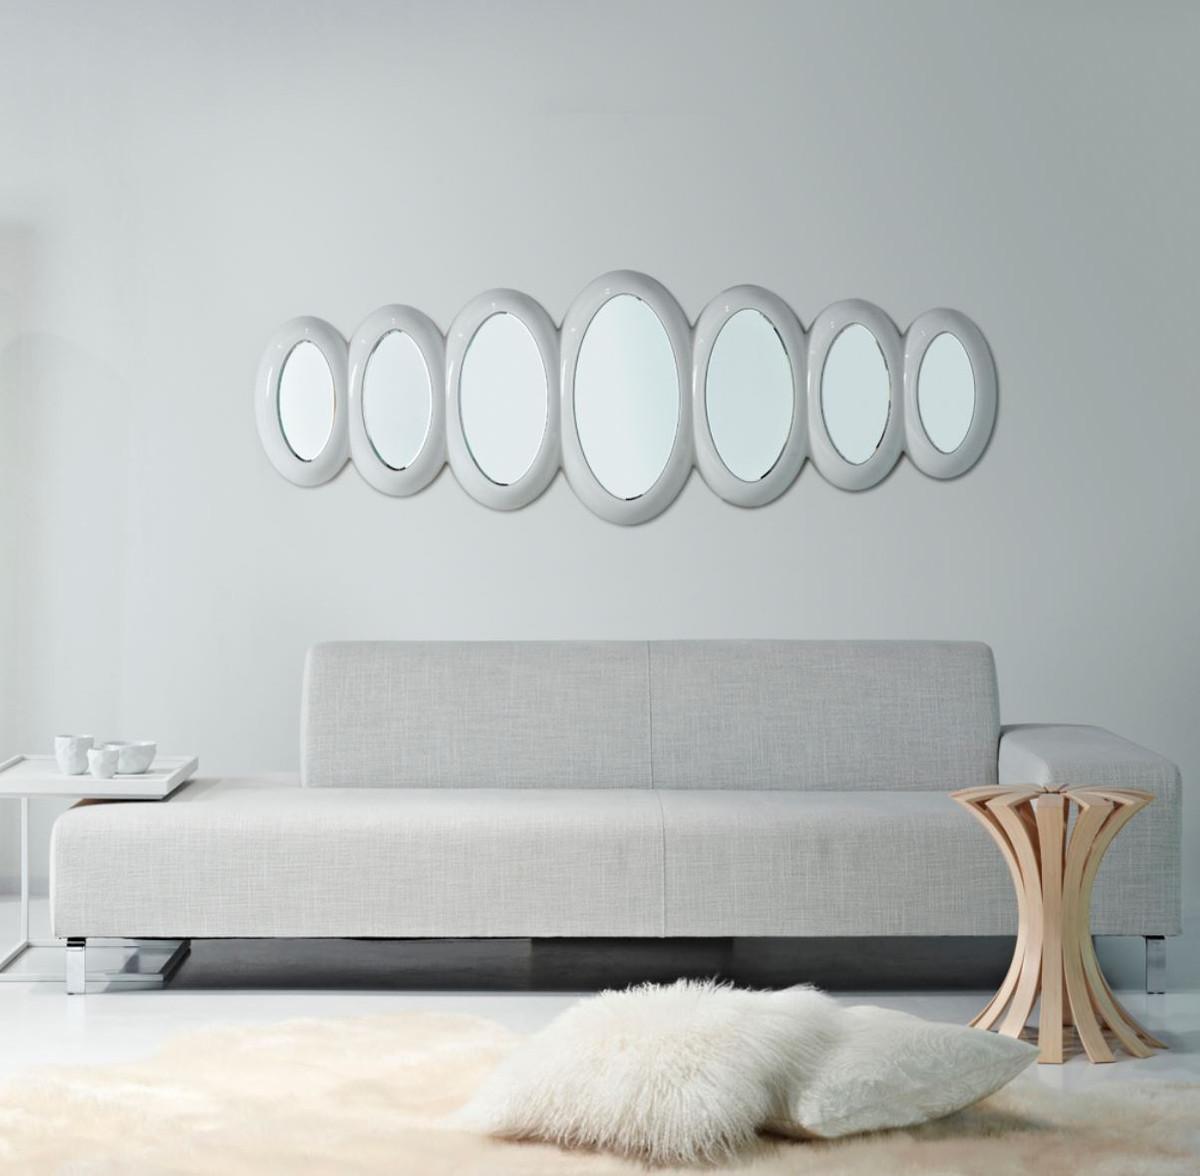 casa padrino luxus designer spiegel hochglanzwei 195 x h 67 cm hotel kollektion spiegel. Black Bedroom Furniture Sets. Home Design Ideas